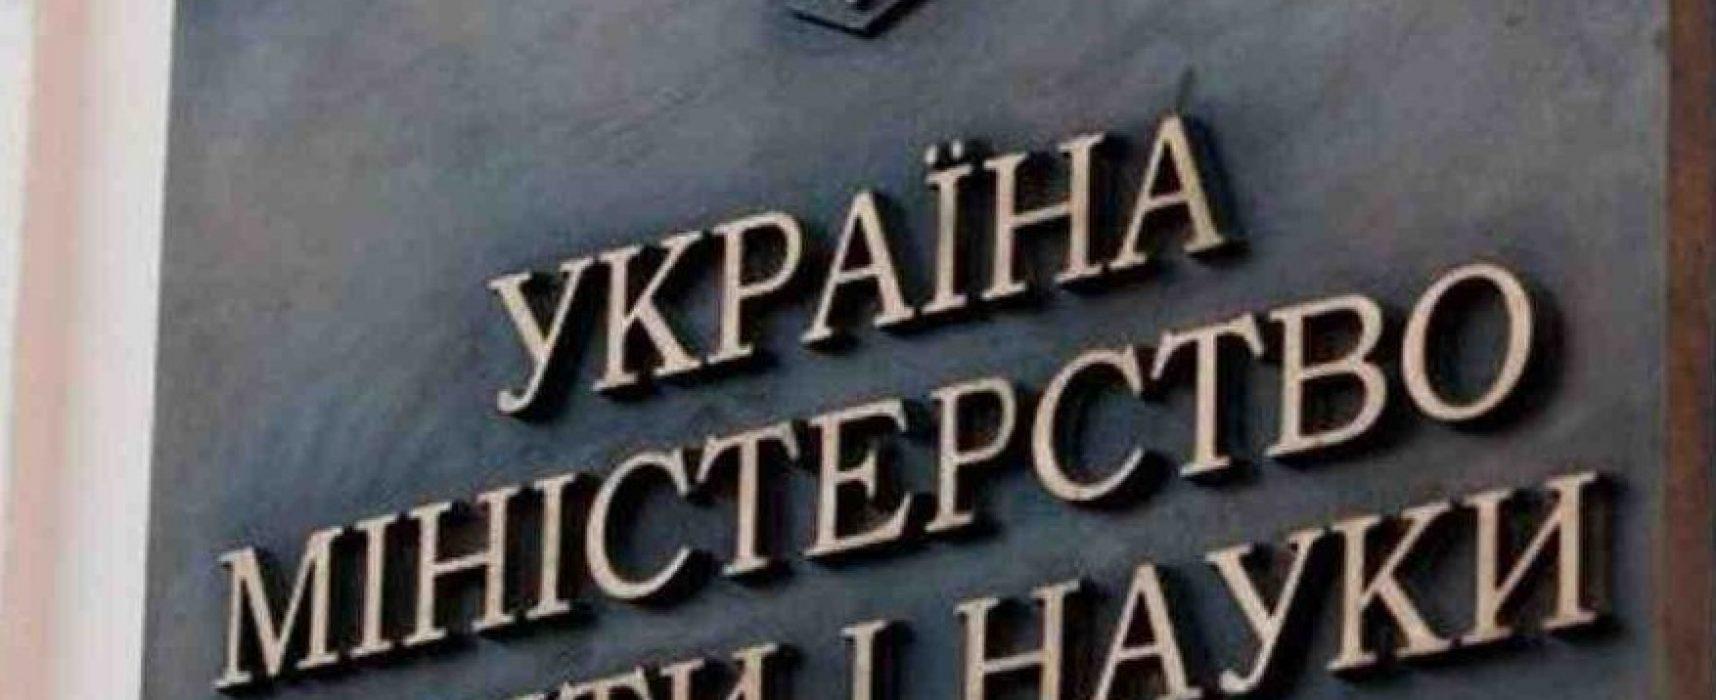 Фейк российских СМИ: в Украине учителями истории, упоминающими термин «Великая Отечественная война», займутся правоохранительные органы